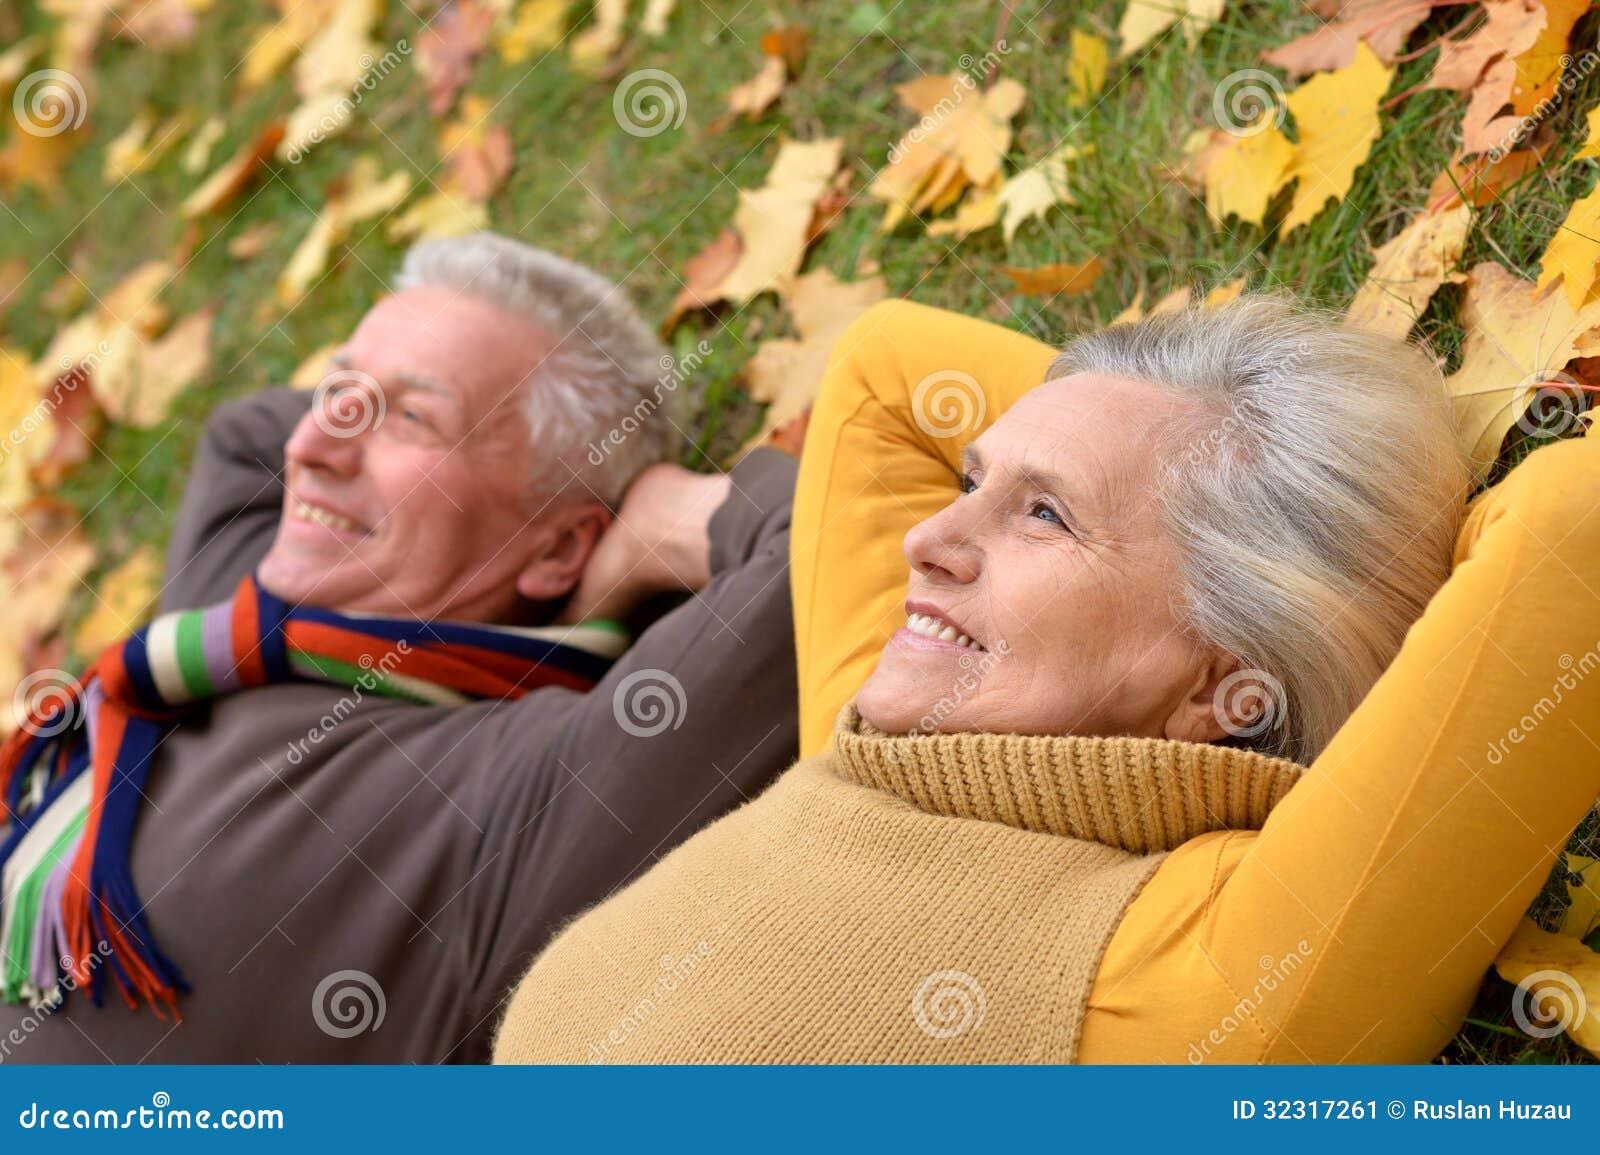 Portrait of a cute older couple